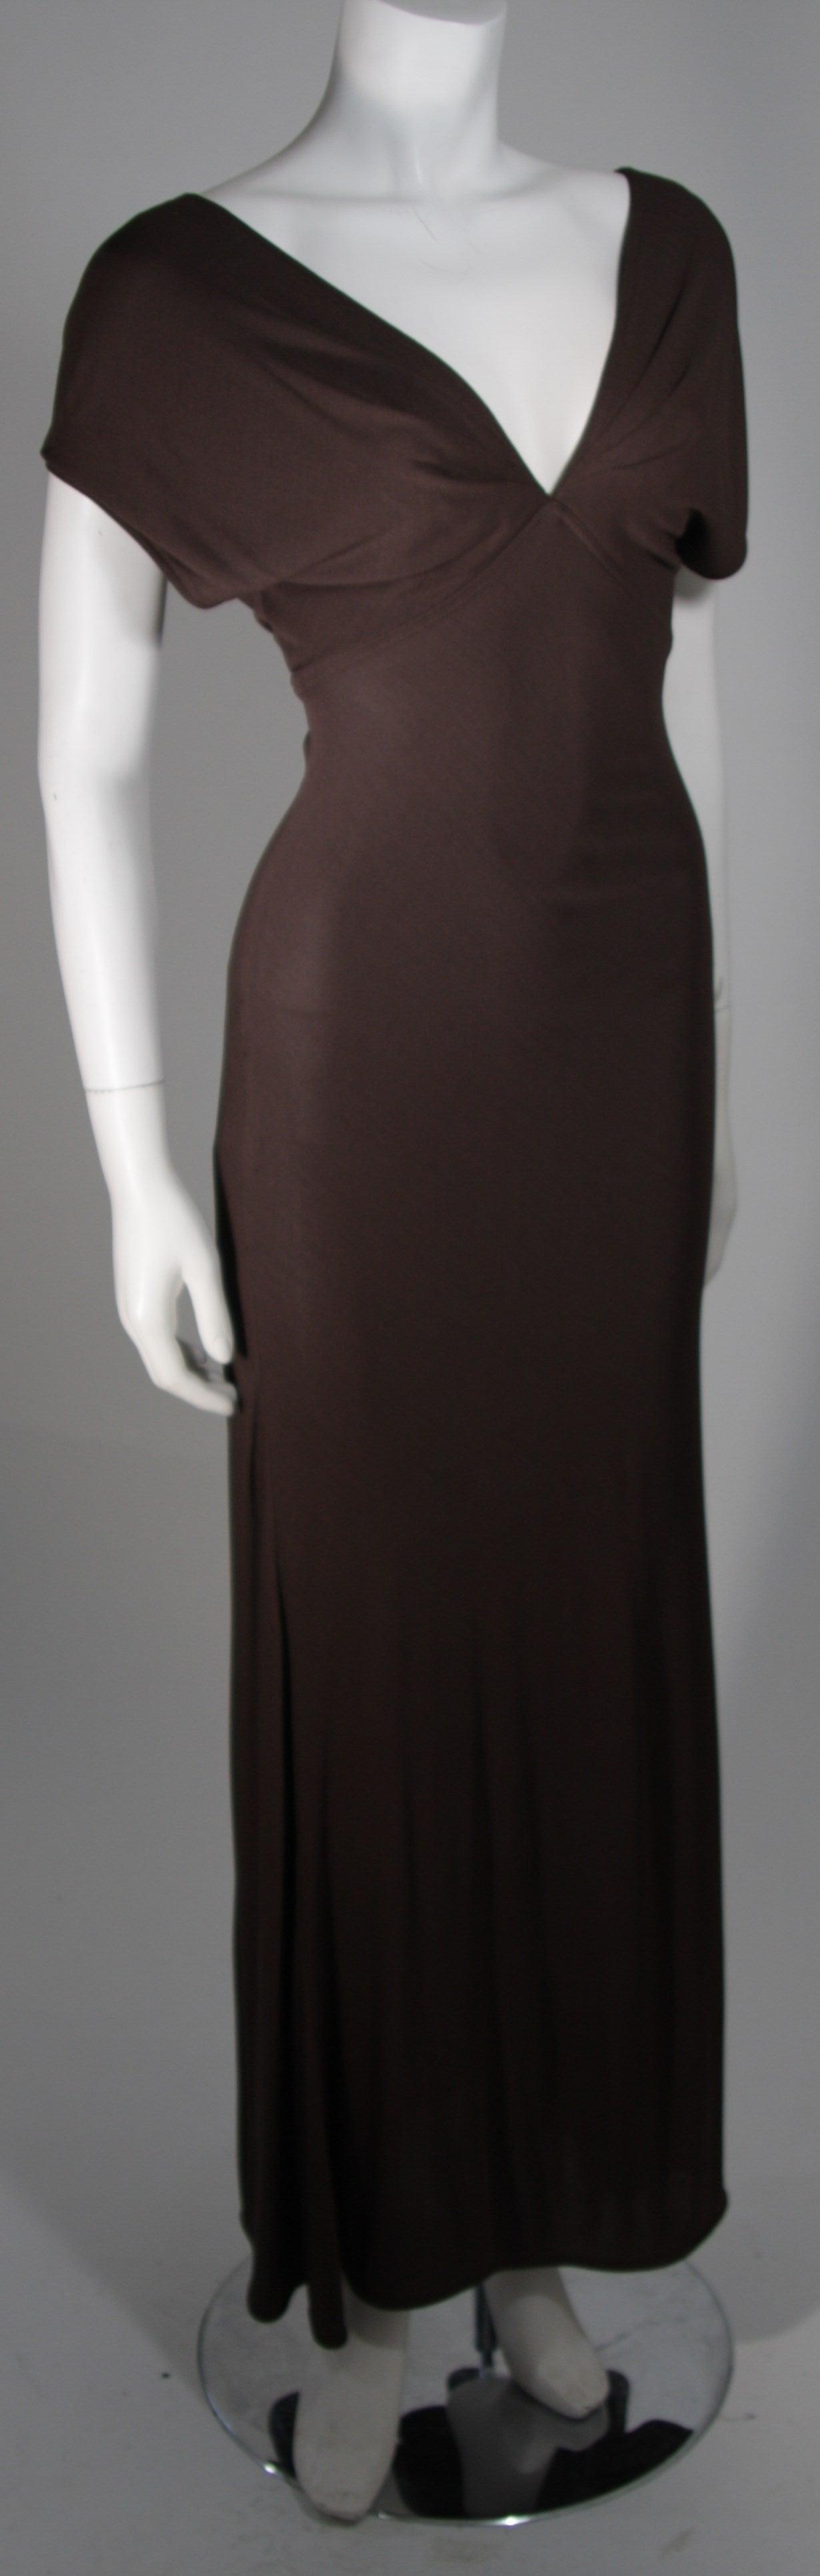 Emanuel Ungaro 1990's Brown Jersey Gown Size 8 4